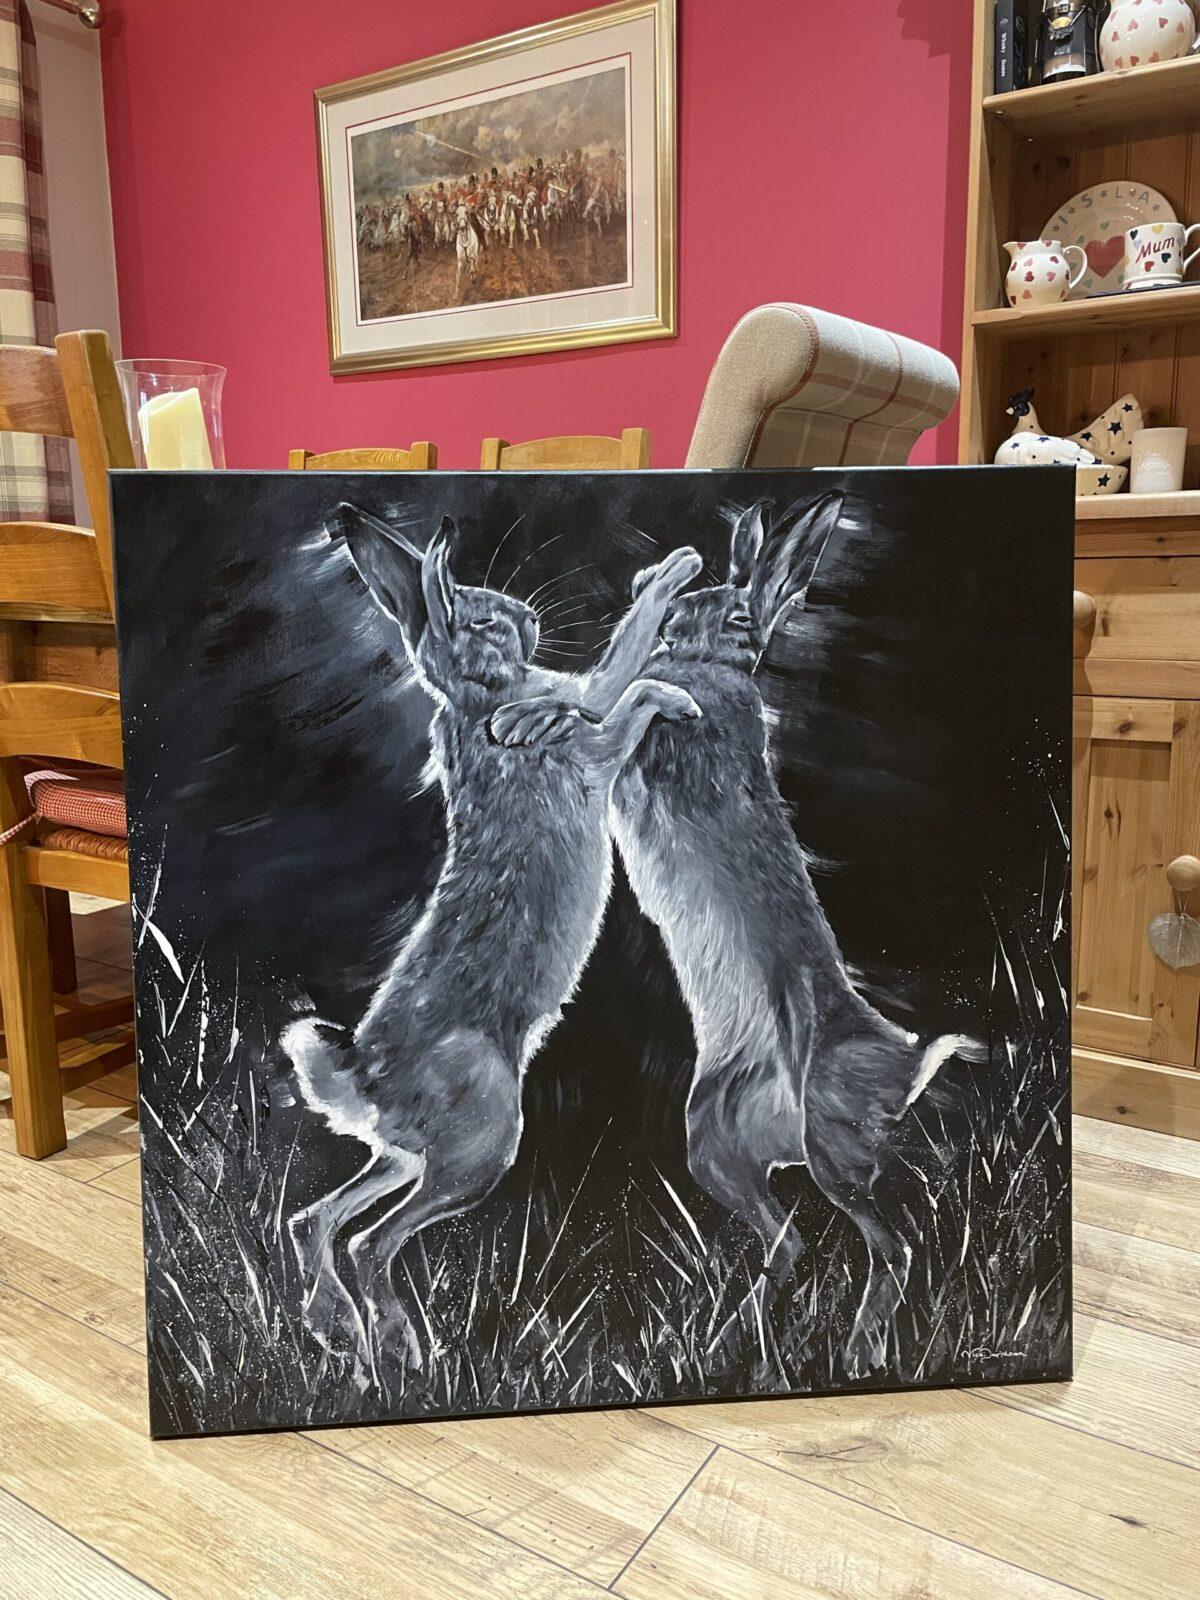 Boxing Hares, monochrome by Vicki Davidson